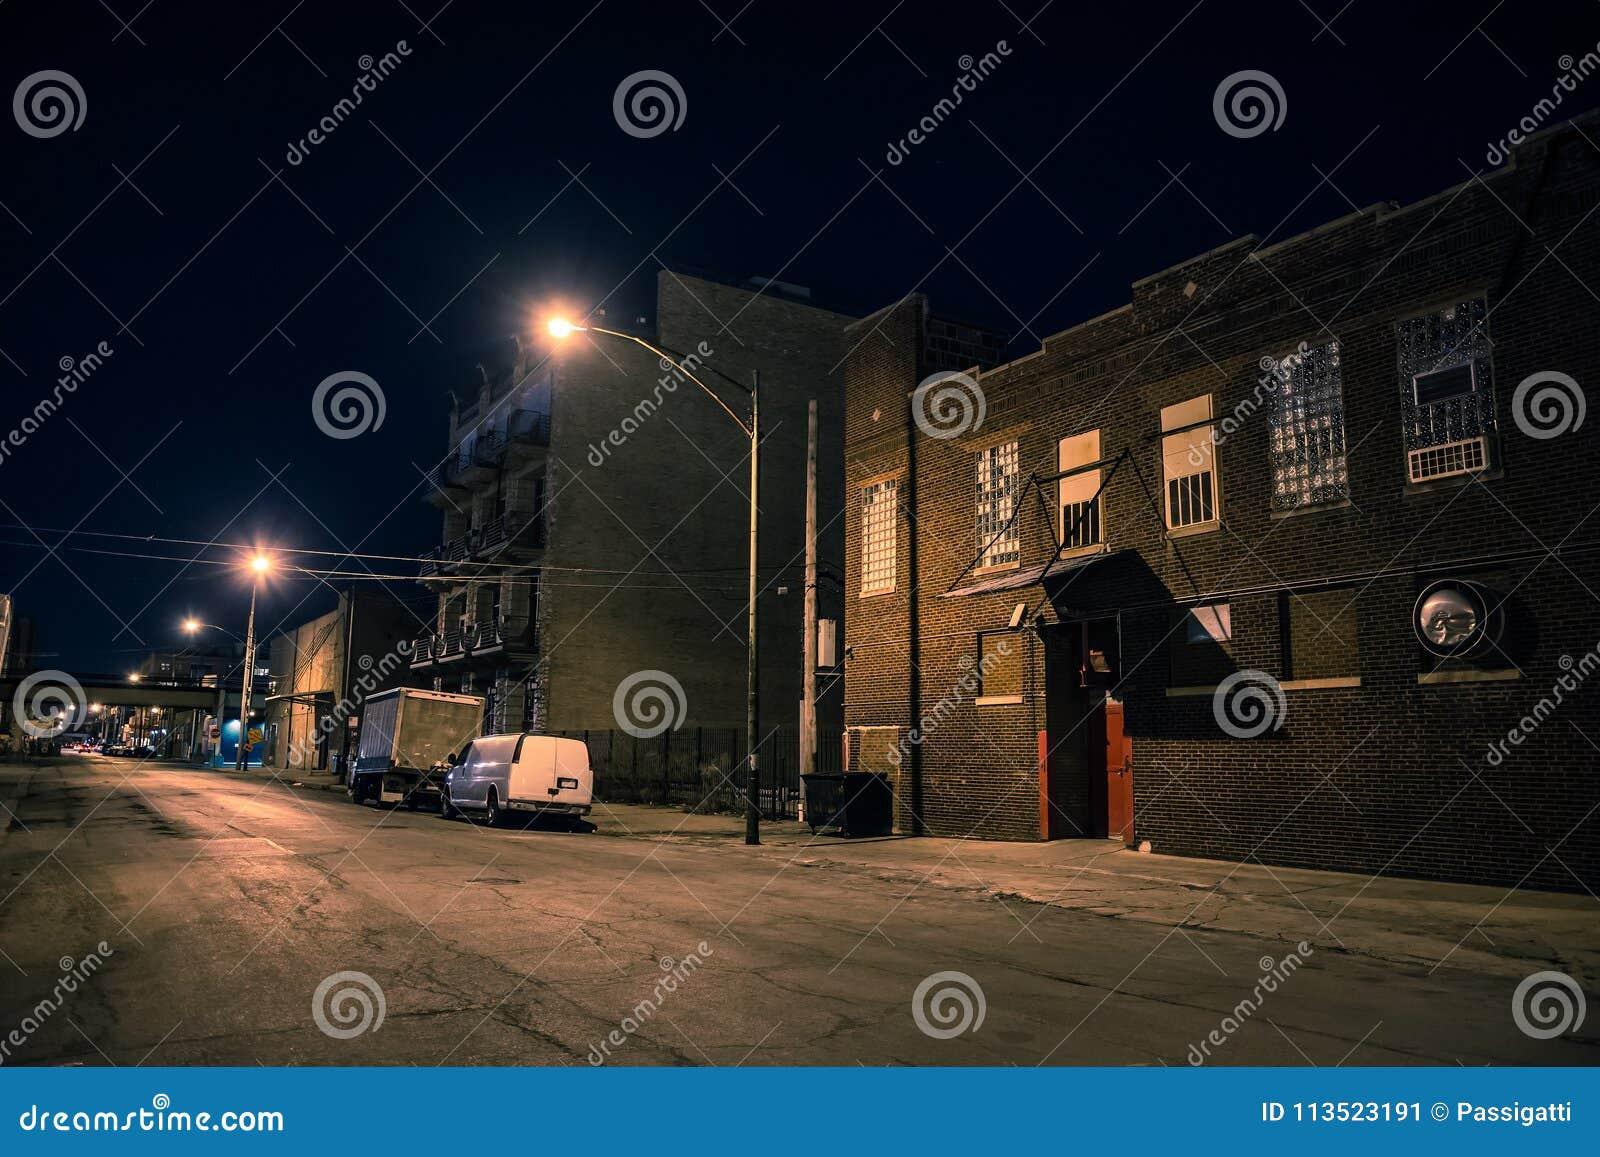 Quartier de la ville industriel urbain foncé et effrayant la nuit